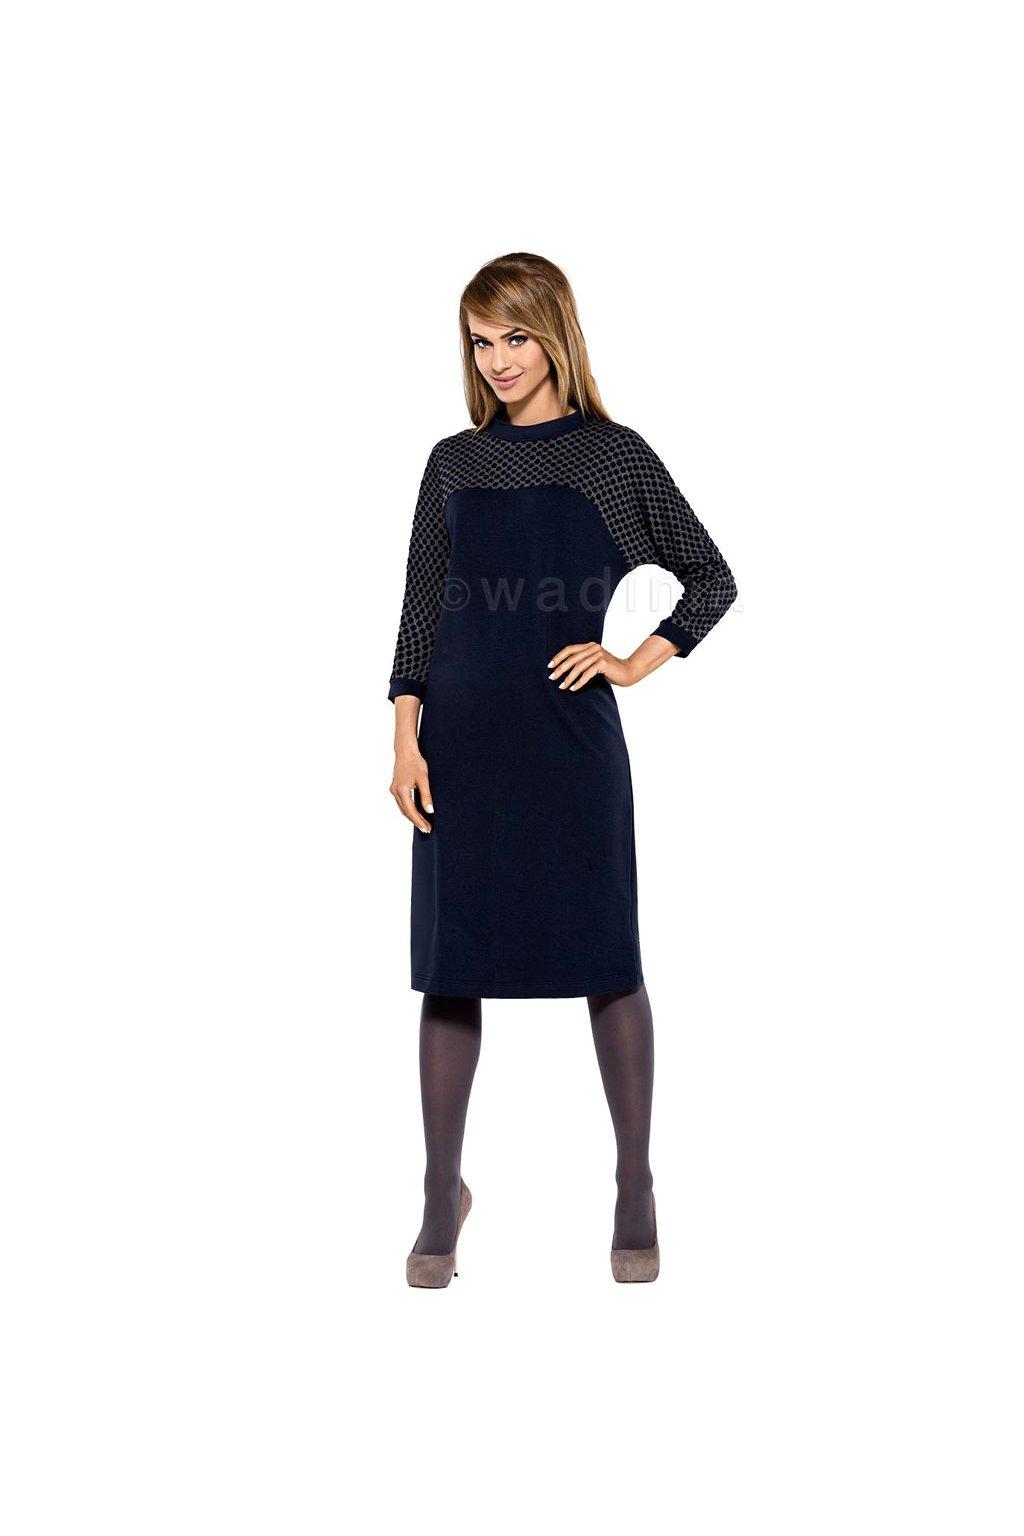 Dámské šaty s 3/4 rukávem, 10545 101, tmavě modrá